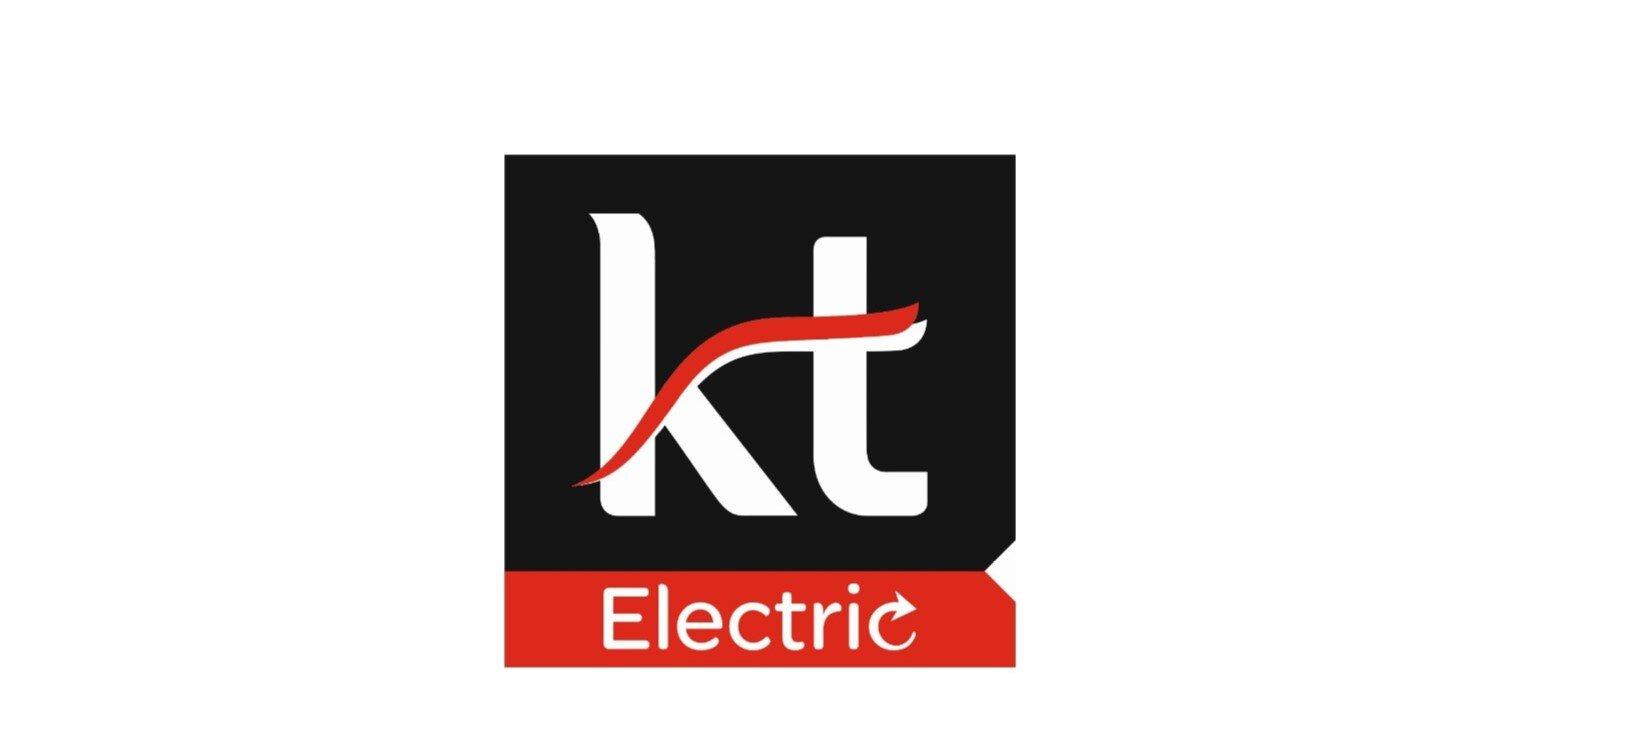 Kt Elektrik Elektronik Ltd. Şti.